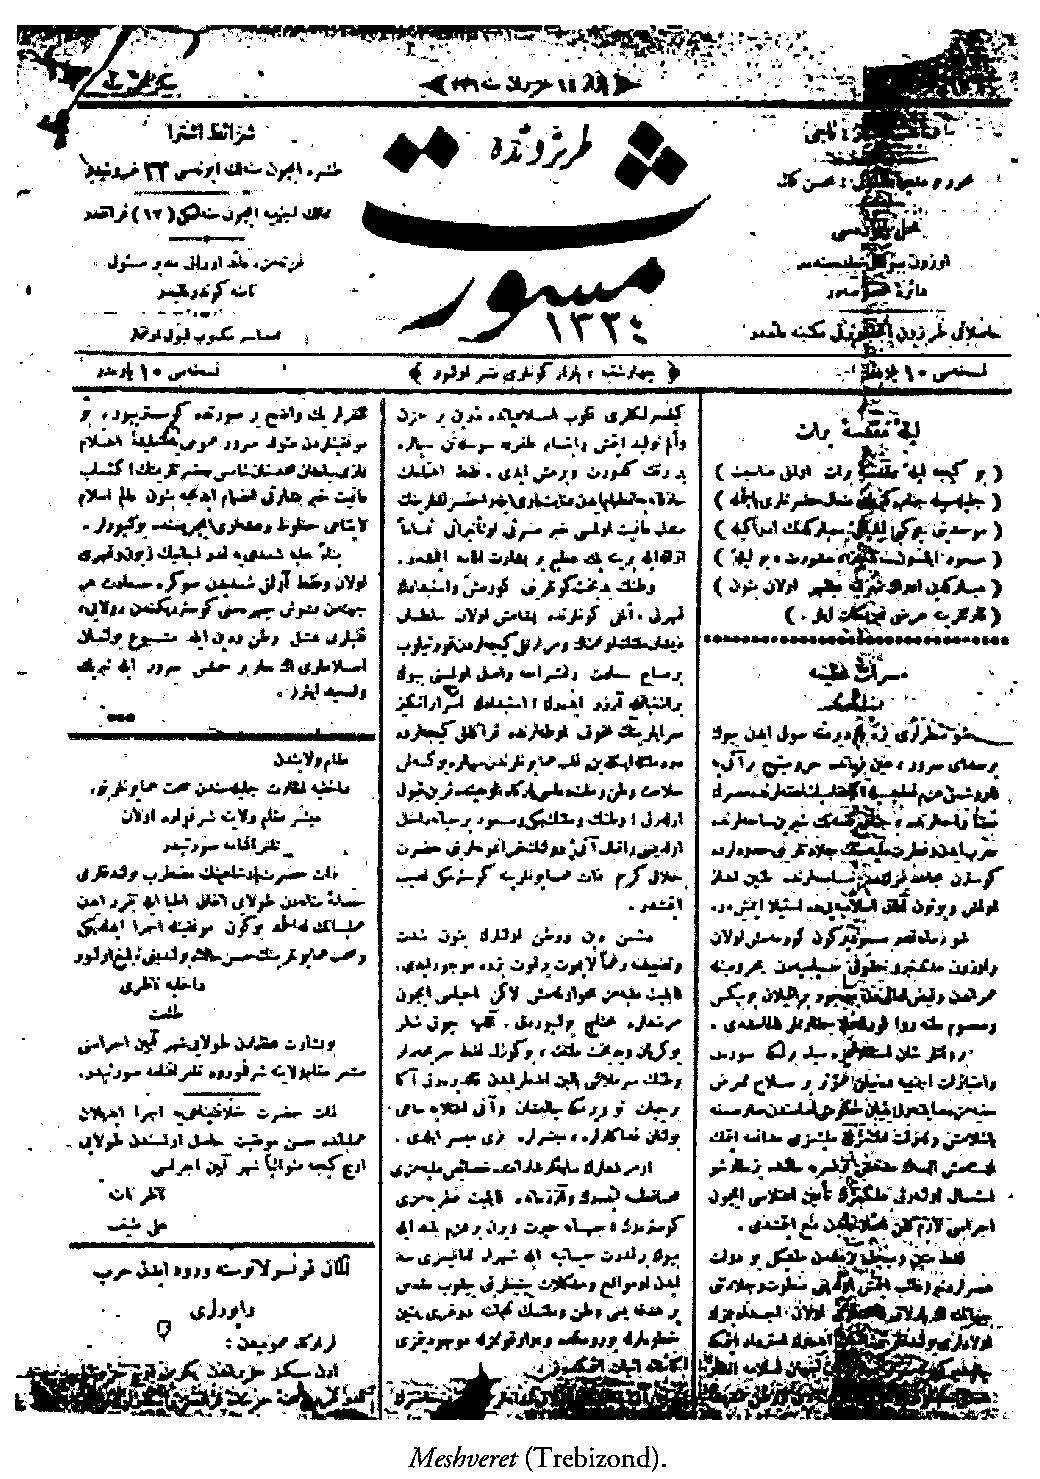 Bill Milhomme: Turkish Armenian Deportation Proclamation